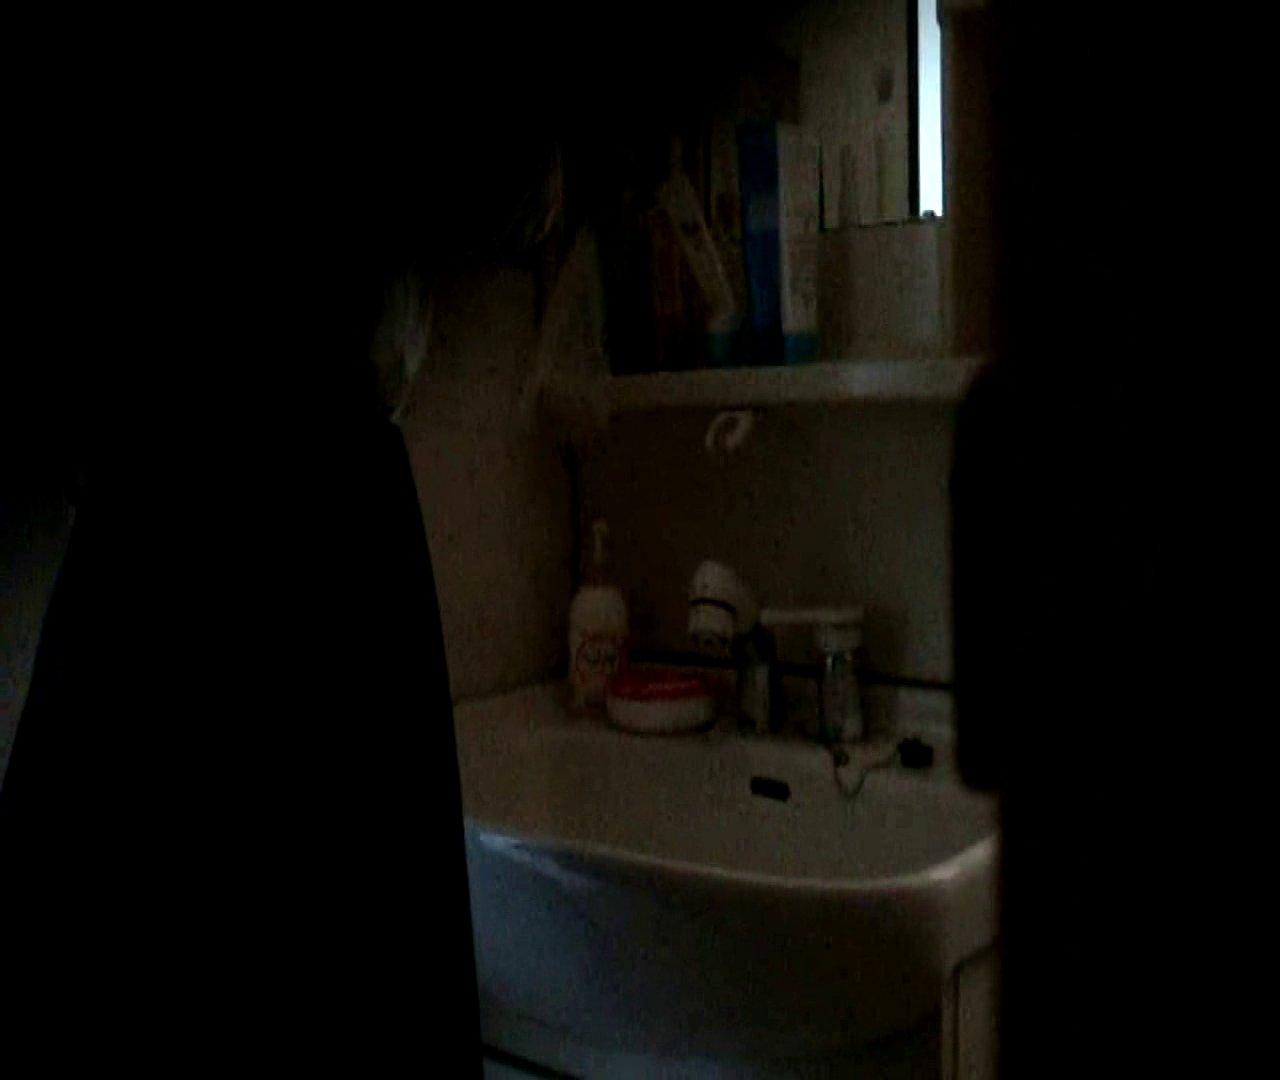 二人とも育てた甲斐がありました… vol.05 まどかが洗顔後にブラを洗濯 美しいOLの裸体 | 0  102pic 5